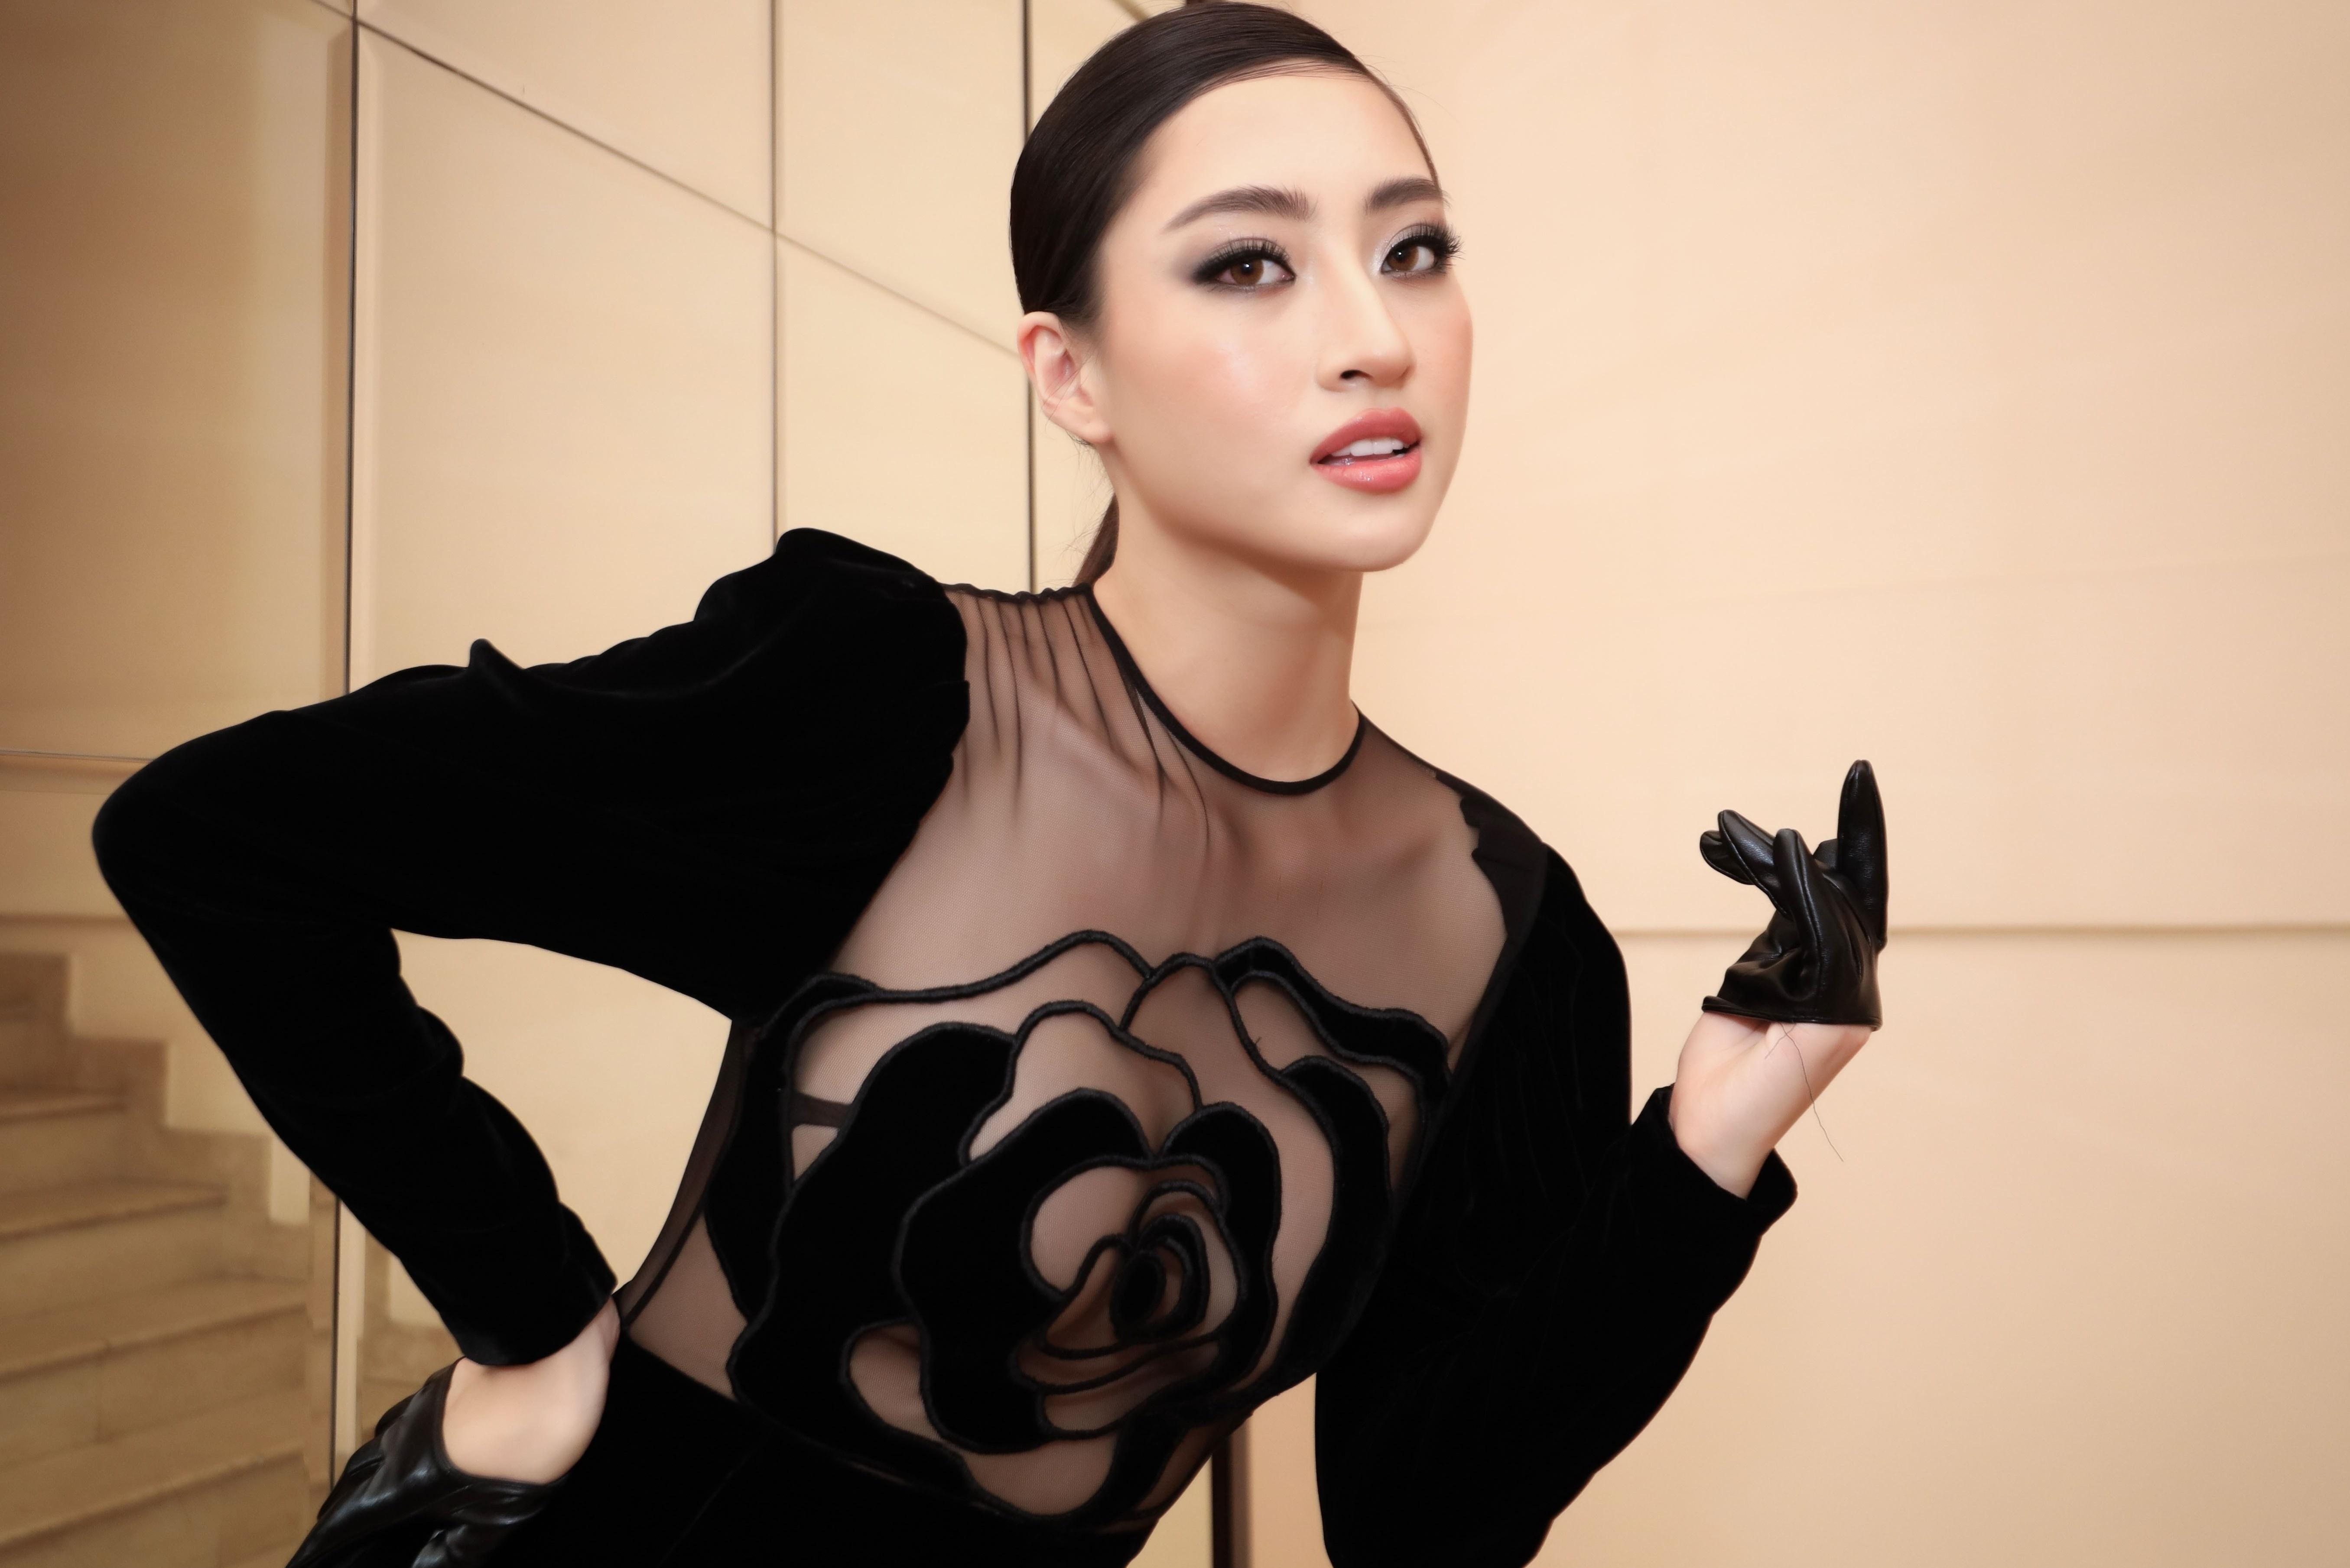 Hoa hậu Lương Thùy Linh: 'Tôi không còn sợ ánh đèn sân khấu'